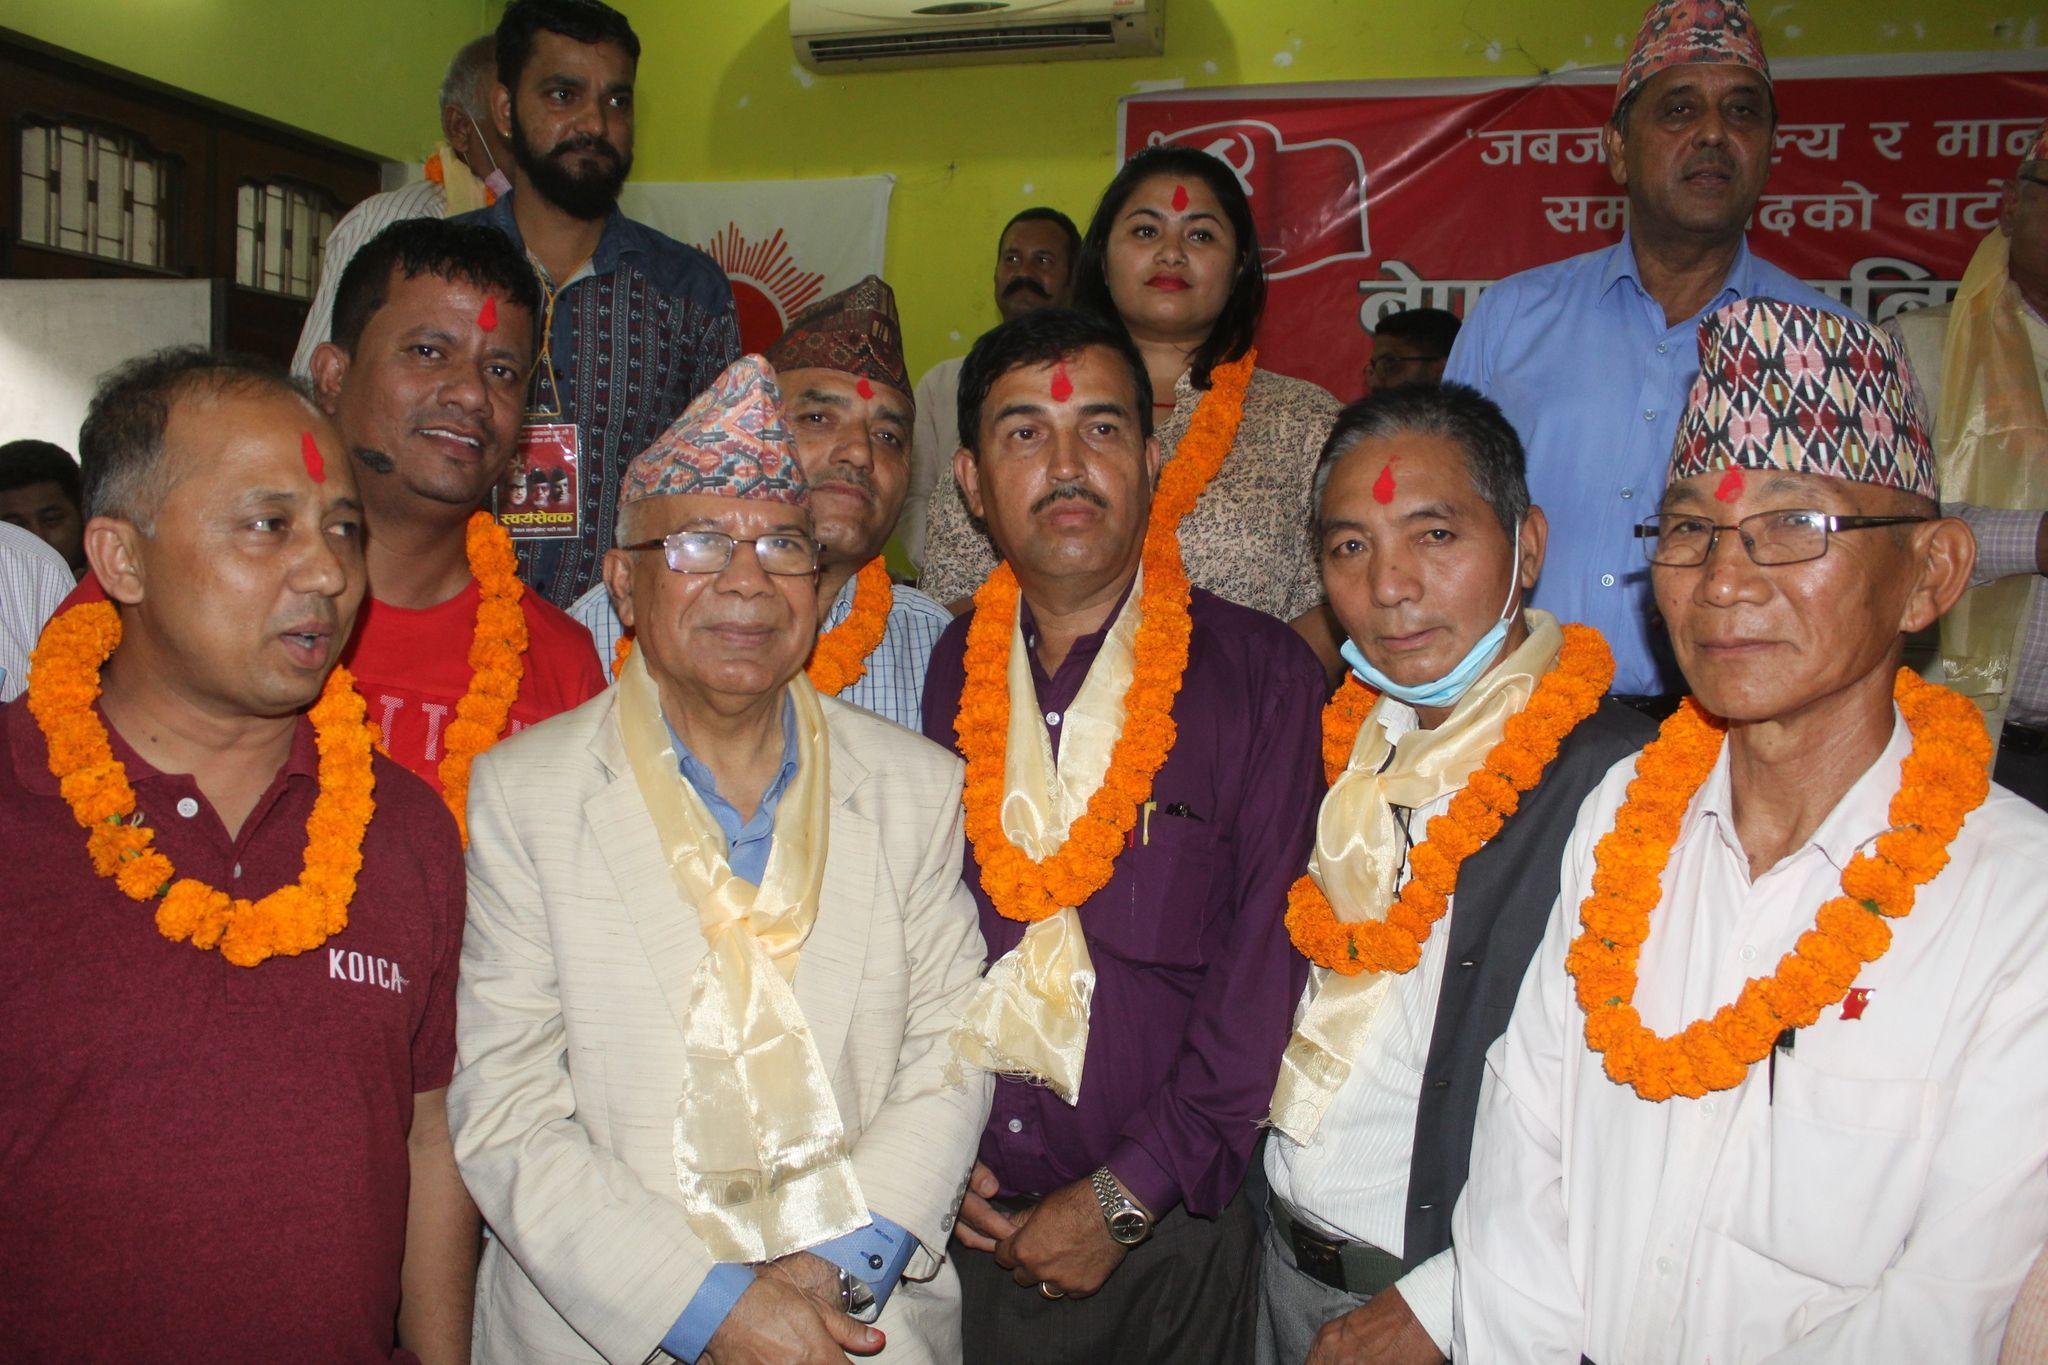 मोरङमा माधव नेपाल पक्षीय समानान्तर कमिटि गठन, अध्यक्षमा चन्द्रविर राई